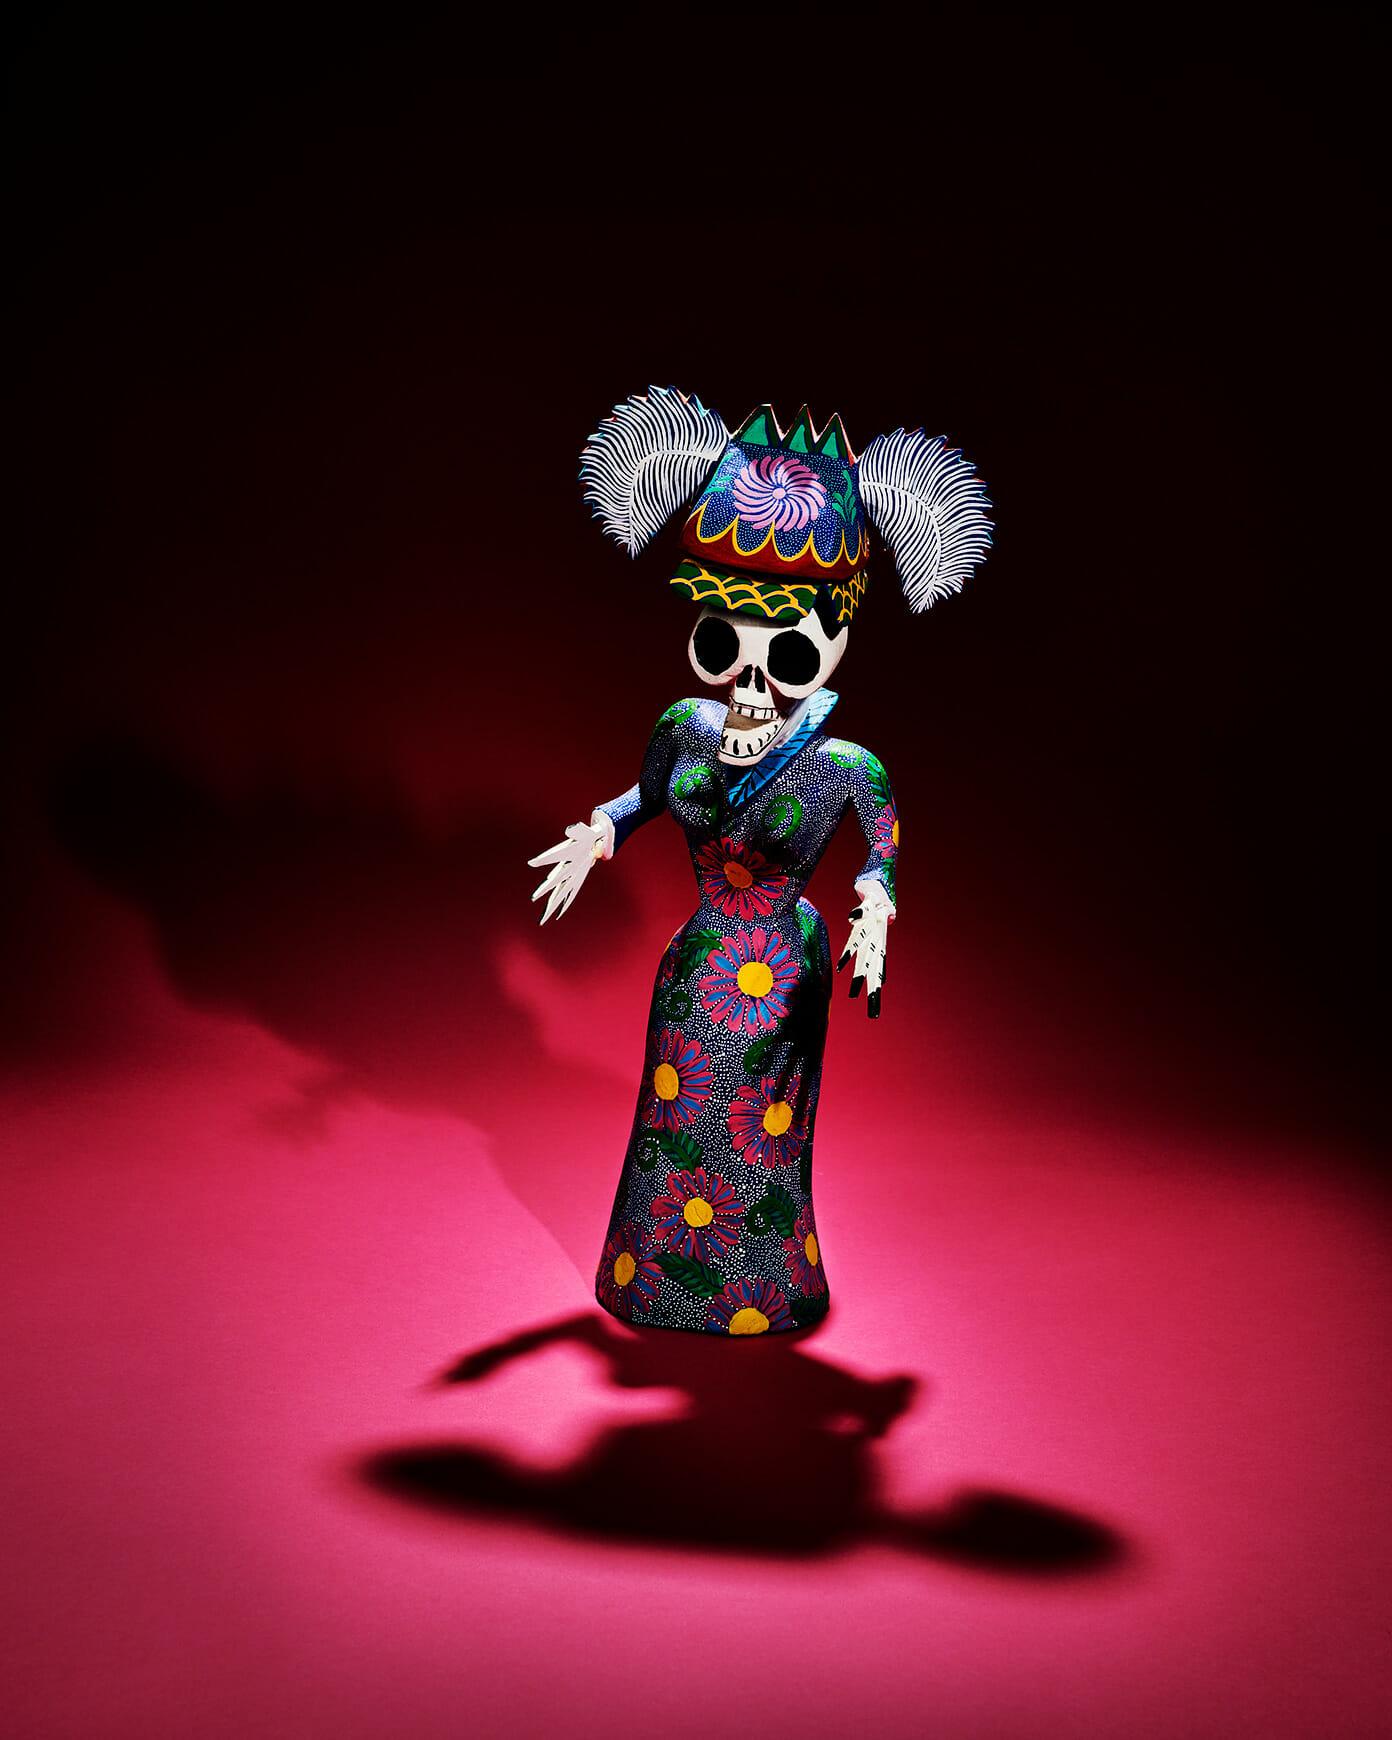 Dia de los Muertos Day of the Dead figurine